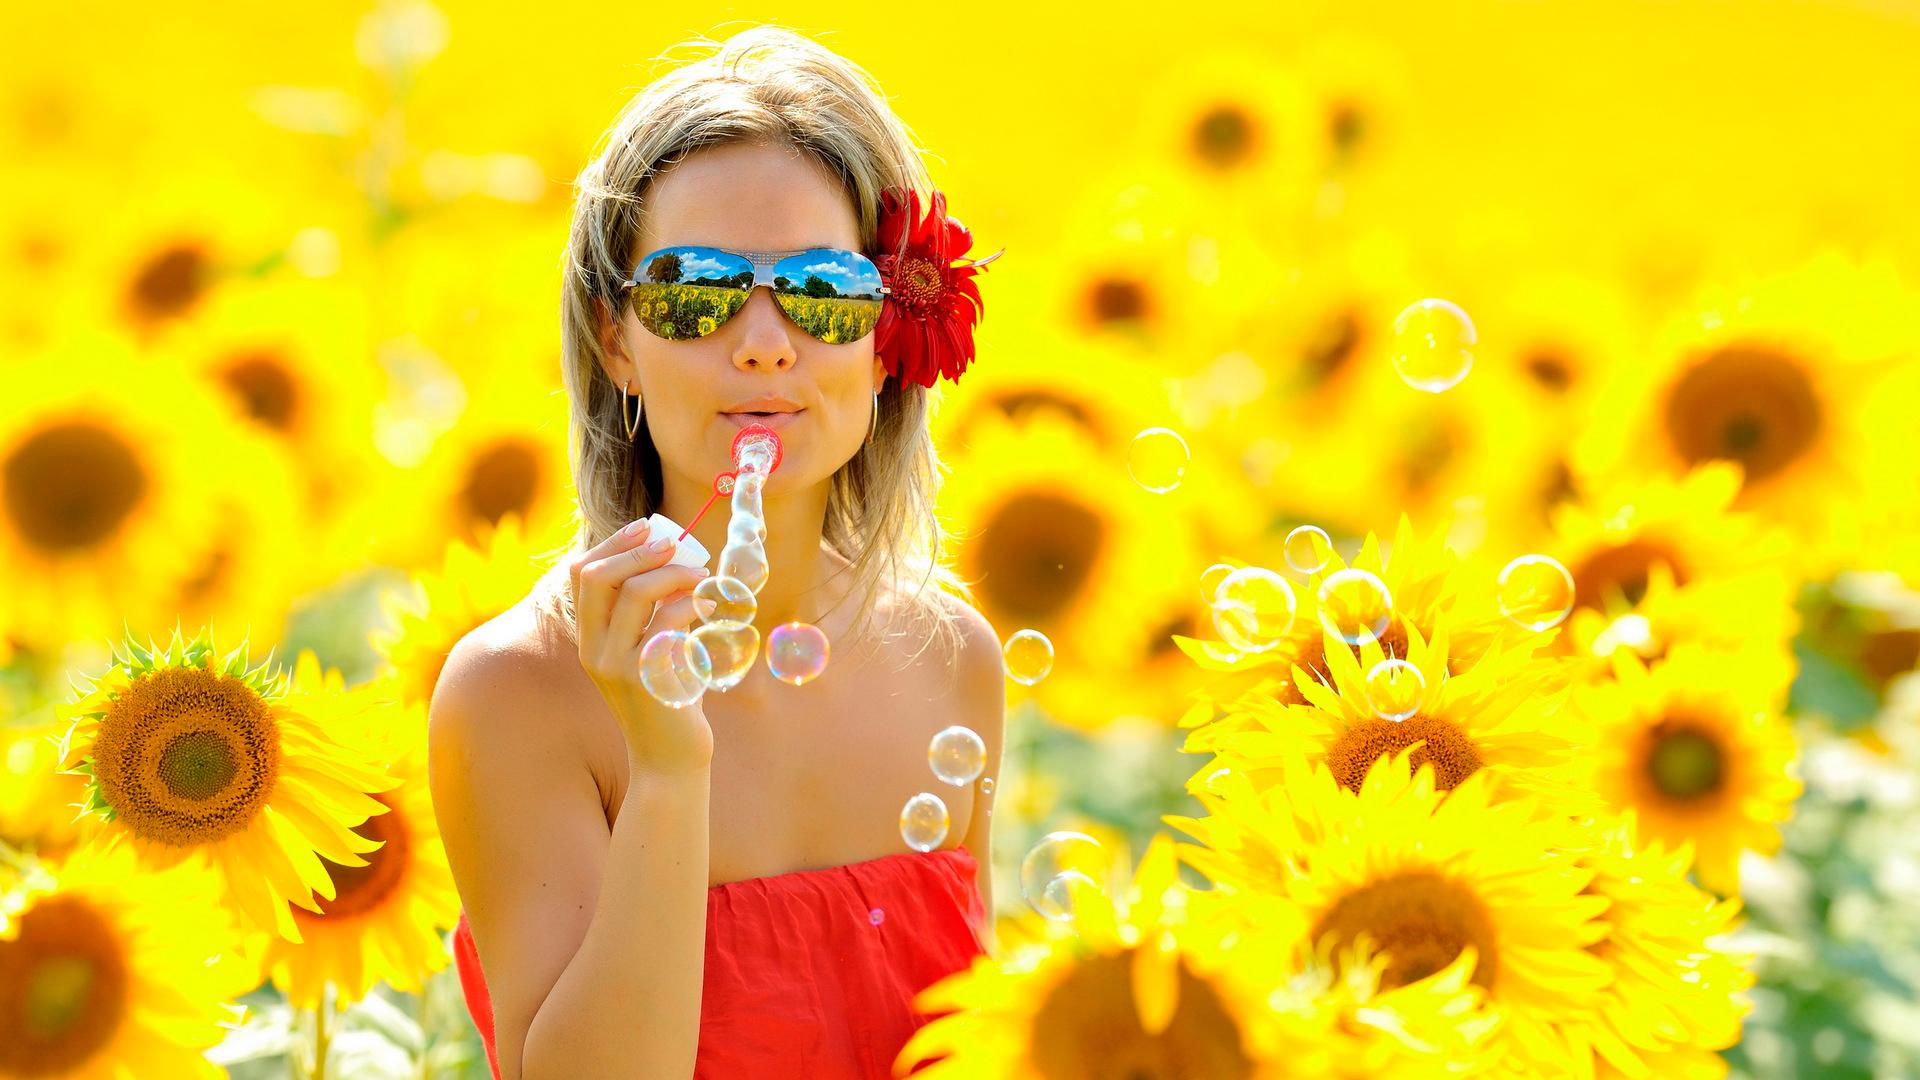 фото девушки солнечных в очках